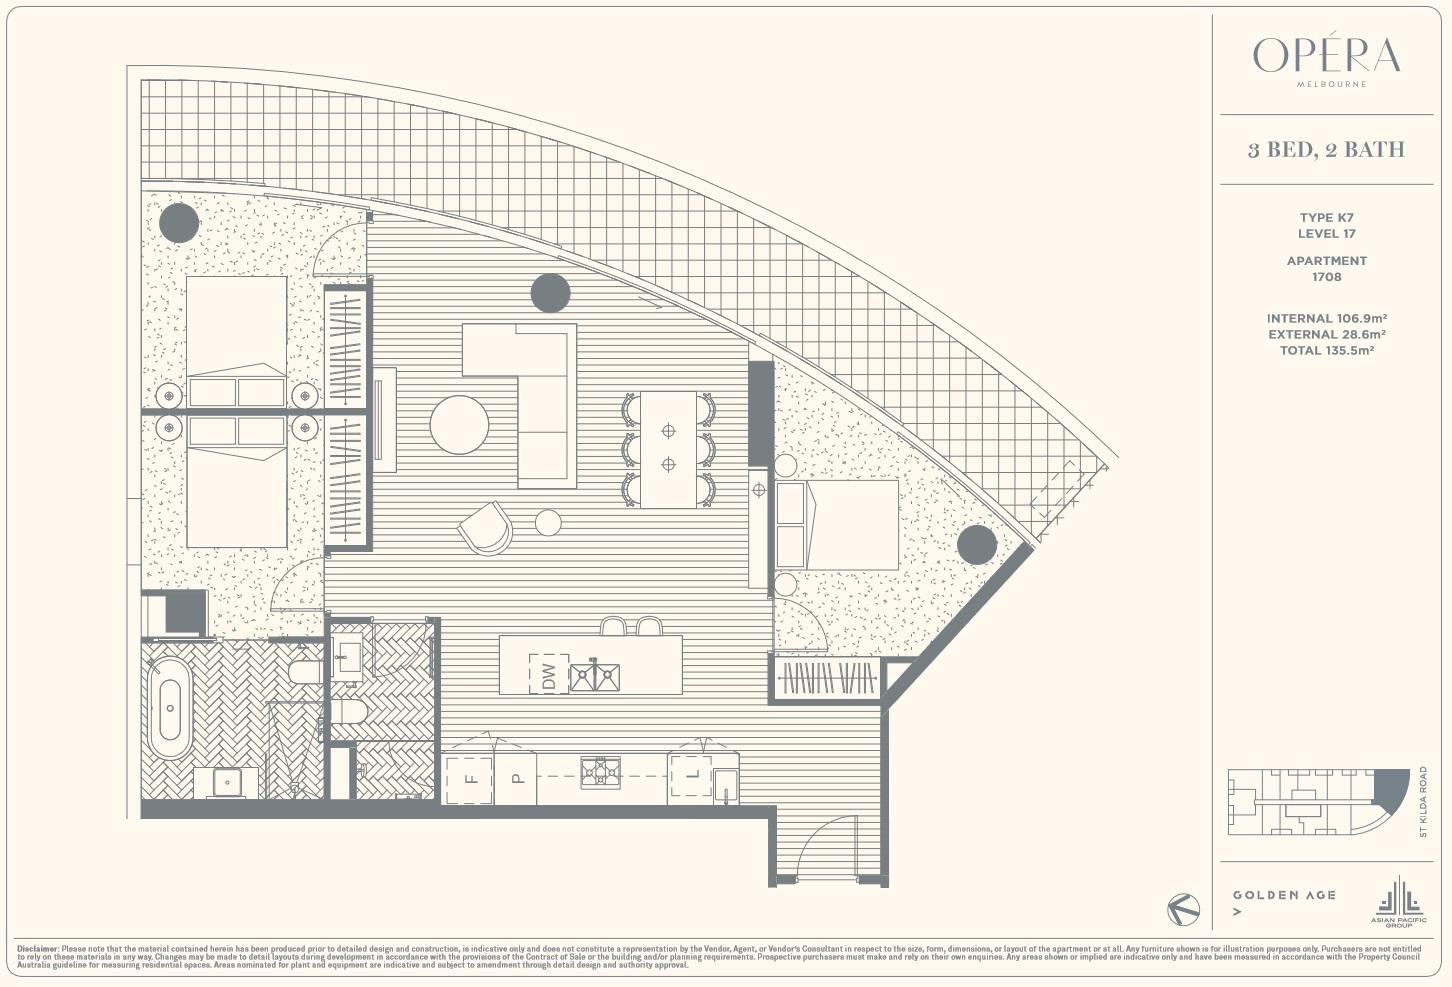 Floor Plan Type K7 - 3Bed2Bath